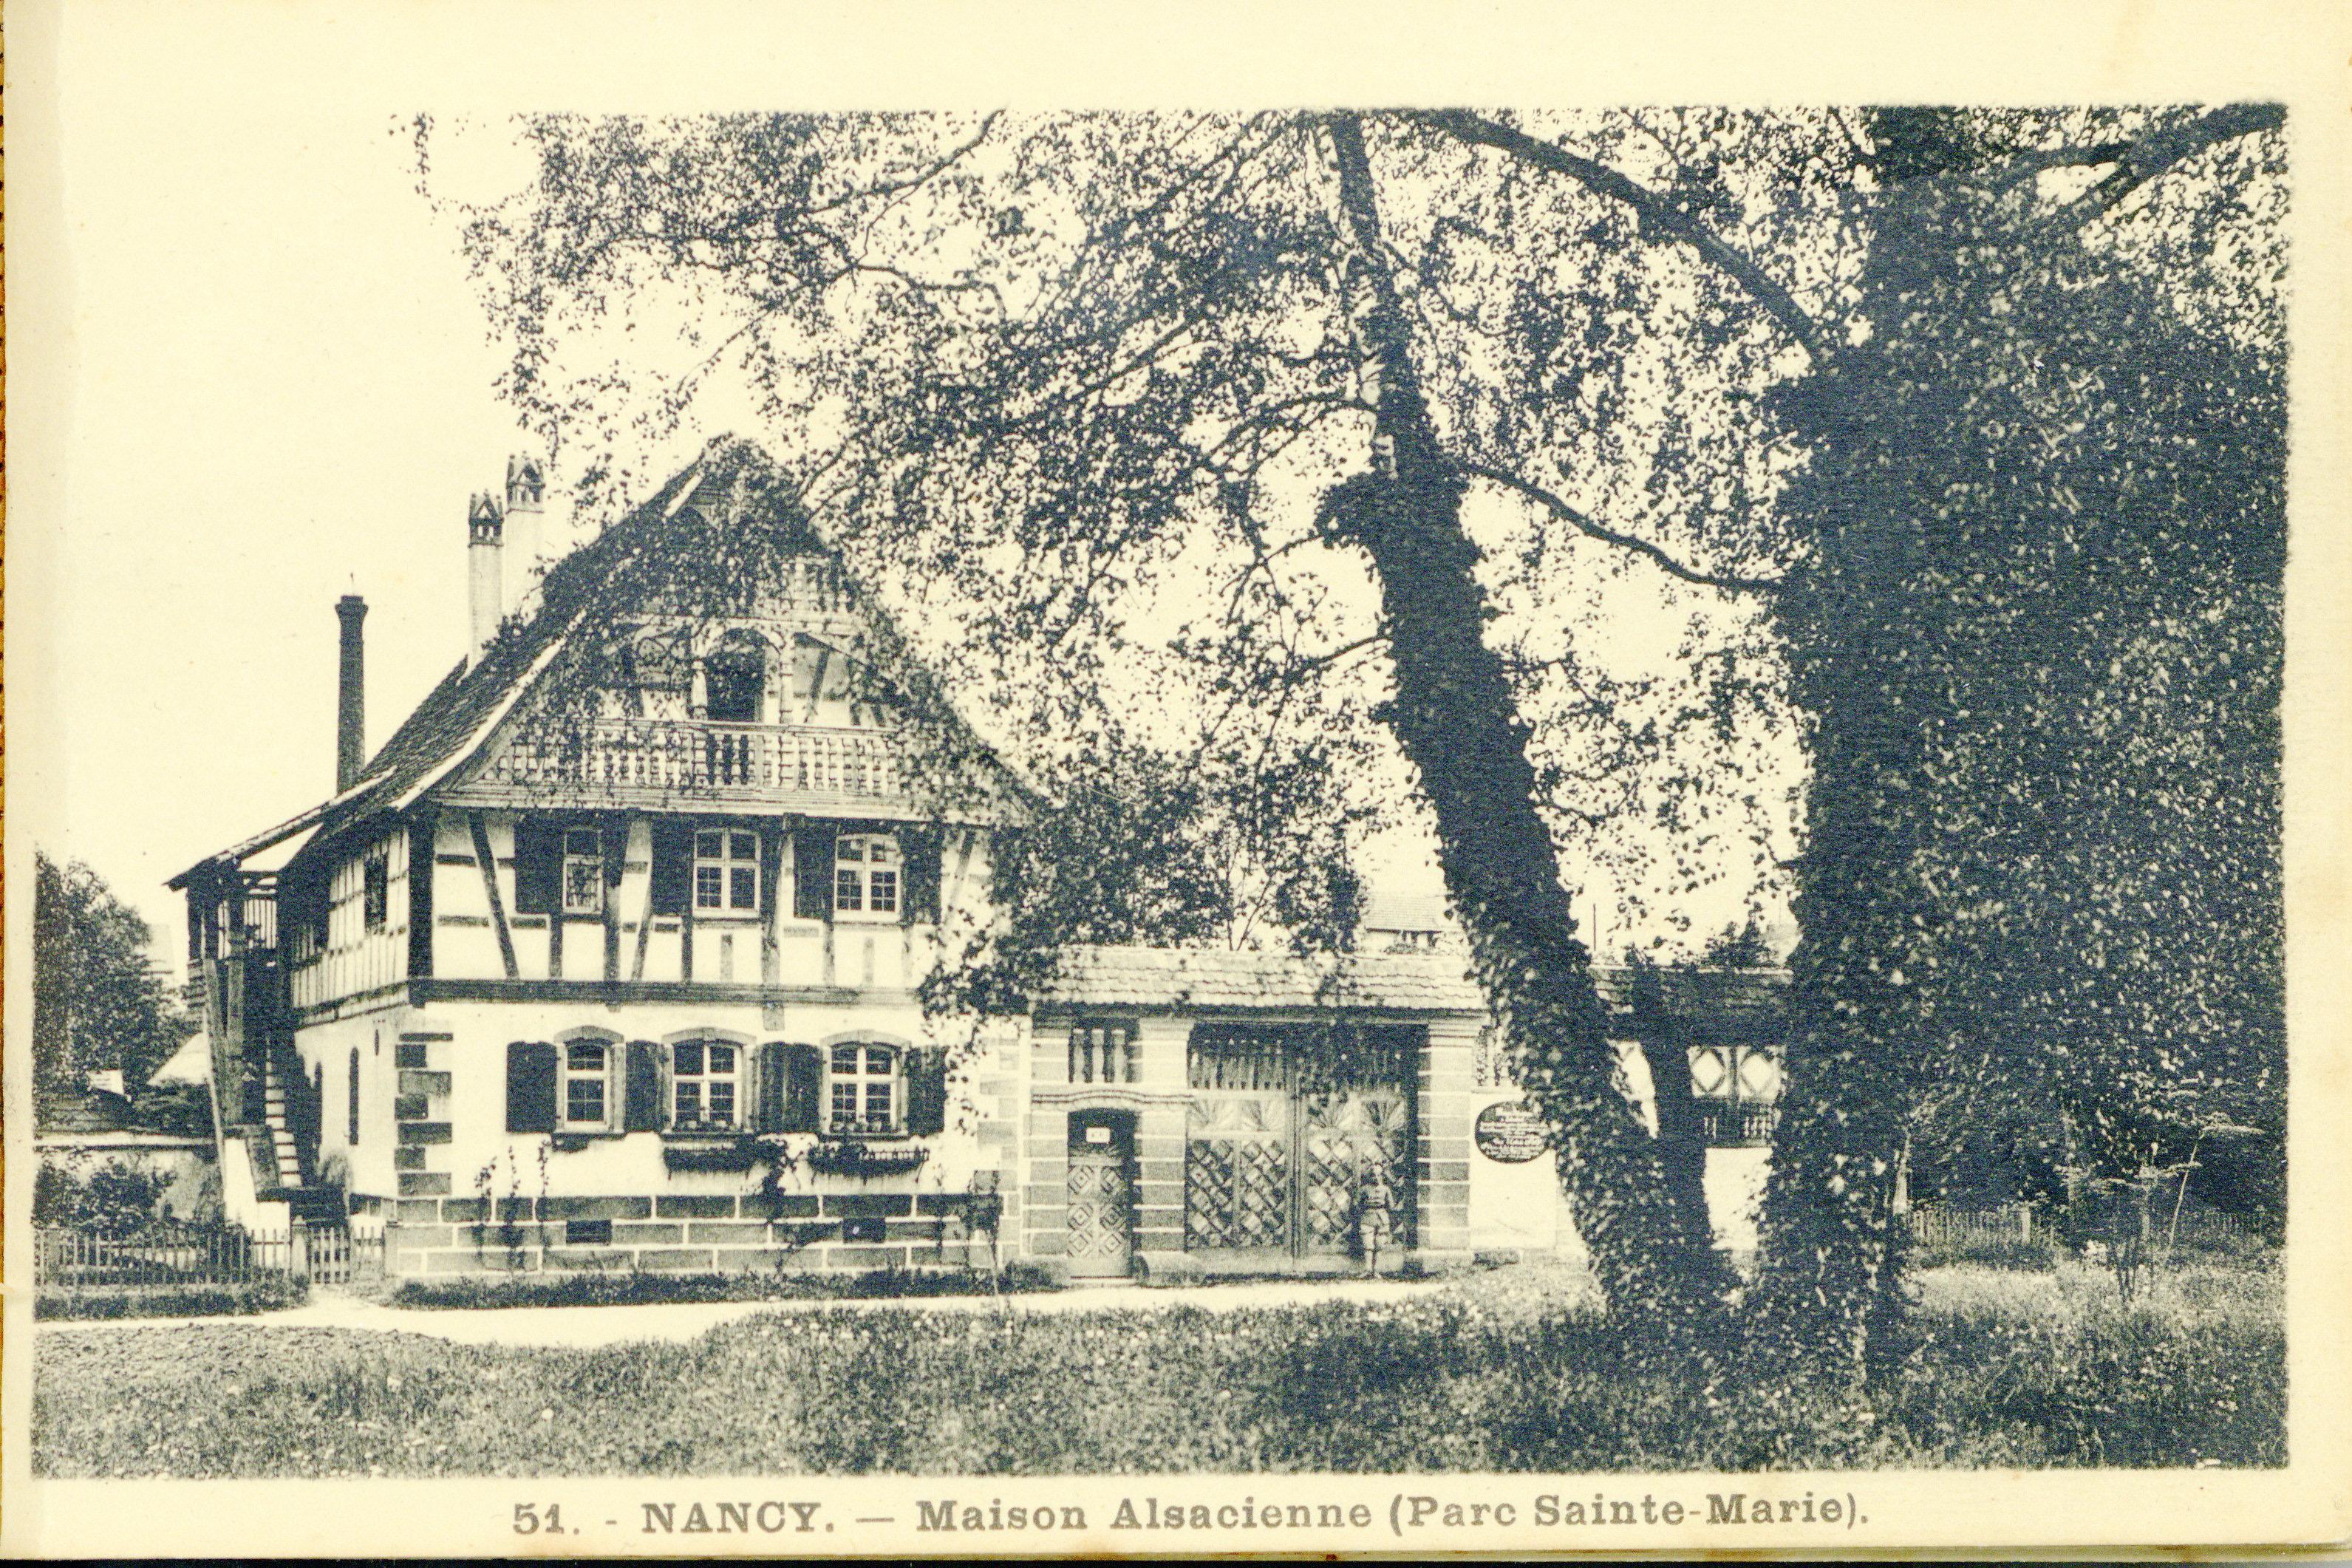 Contenu du Nancy : maison alsacienne (parc Sainte-Marie)